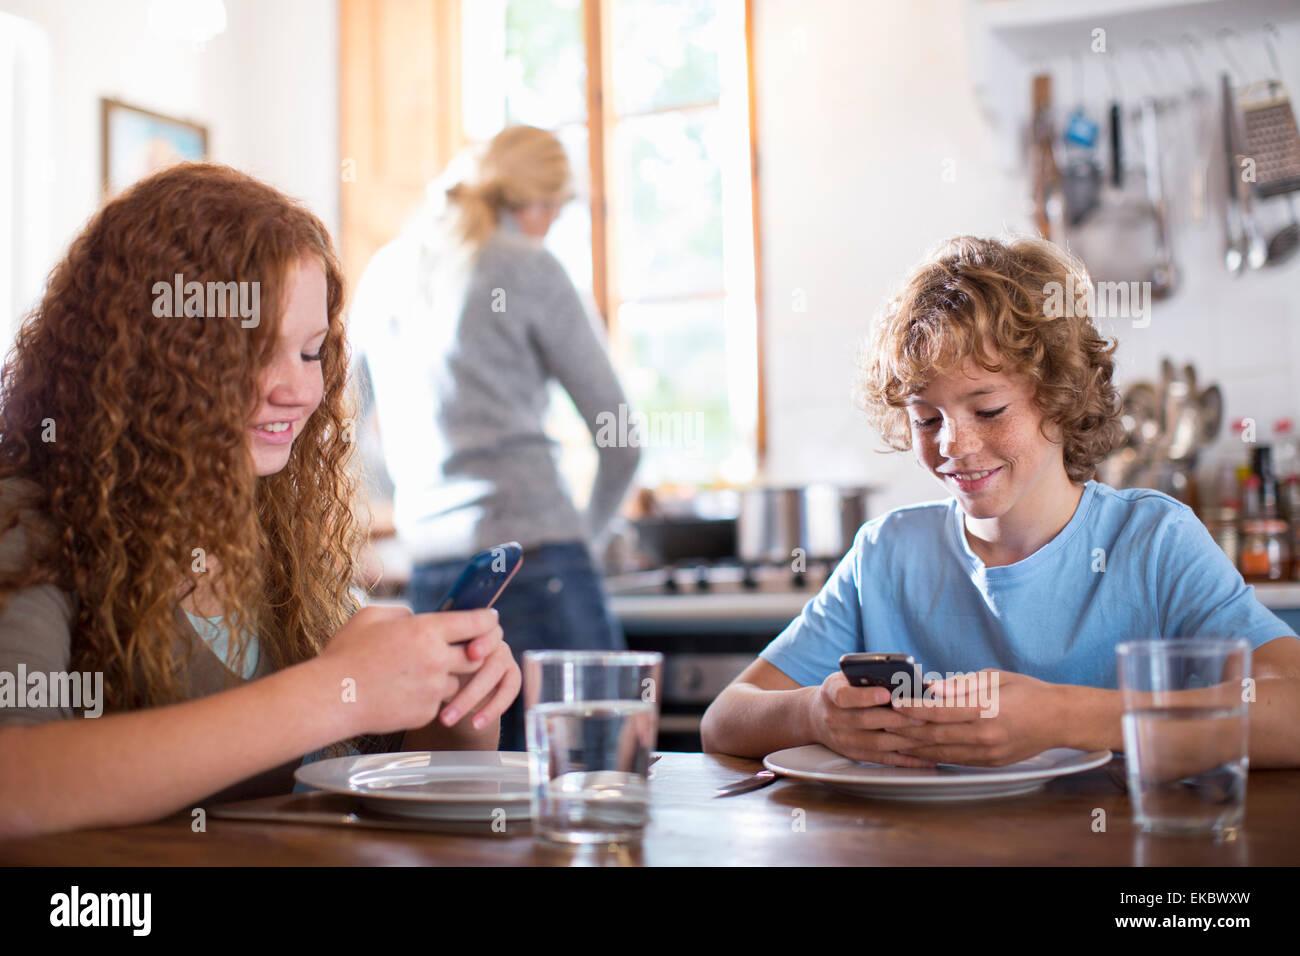 Geschwister mit Smartphone am Esstisch Stockbild